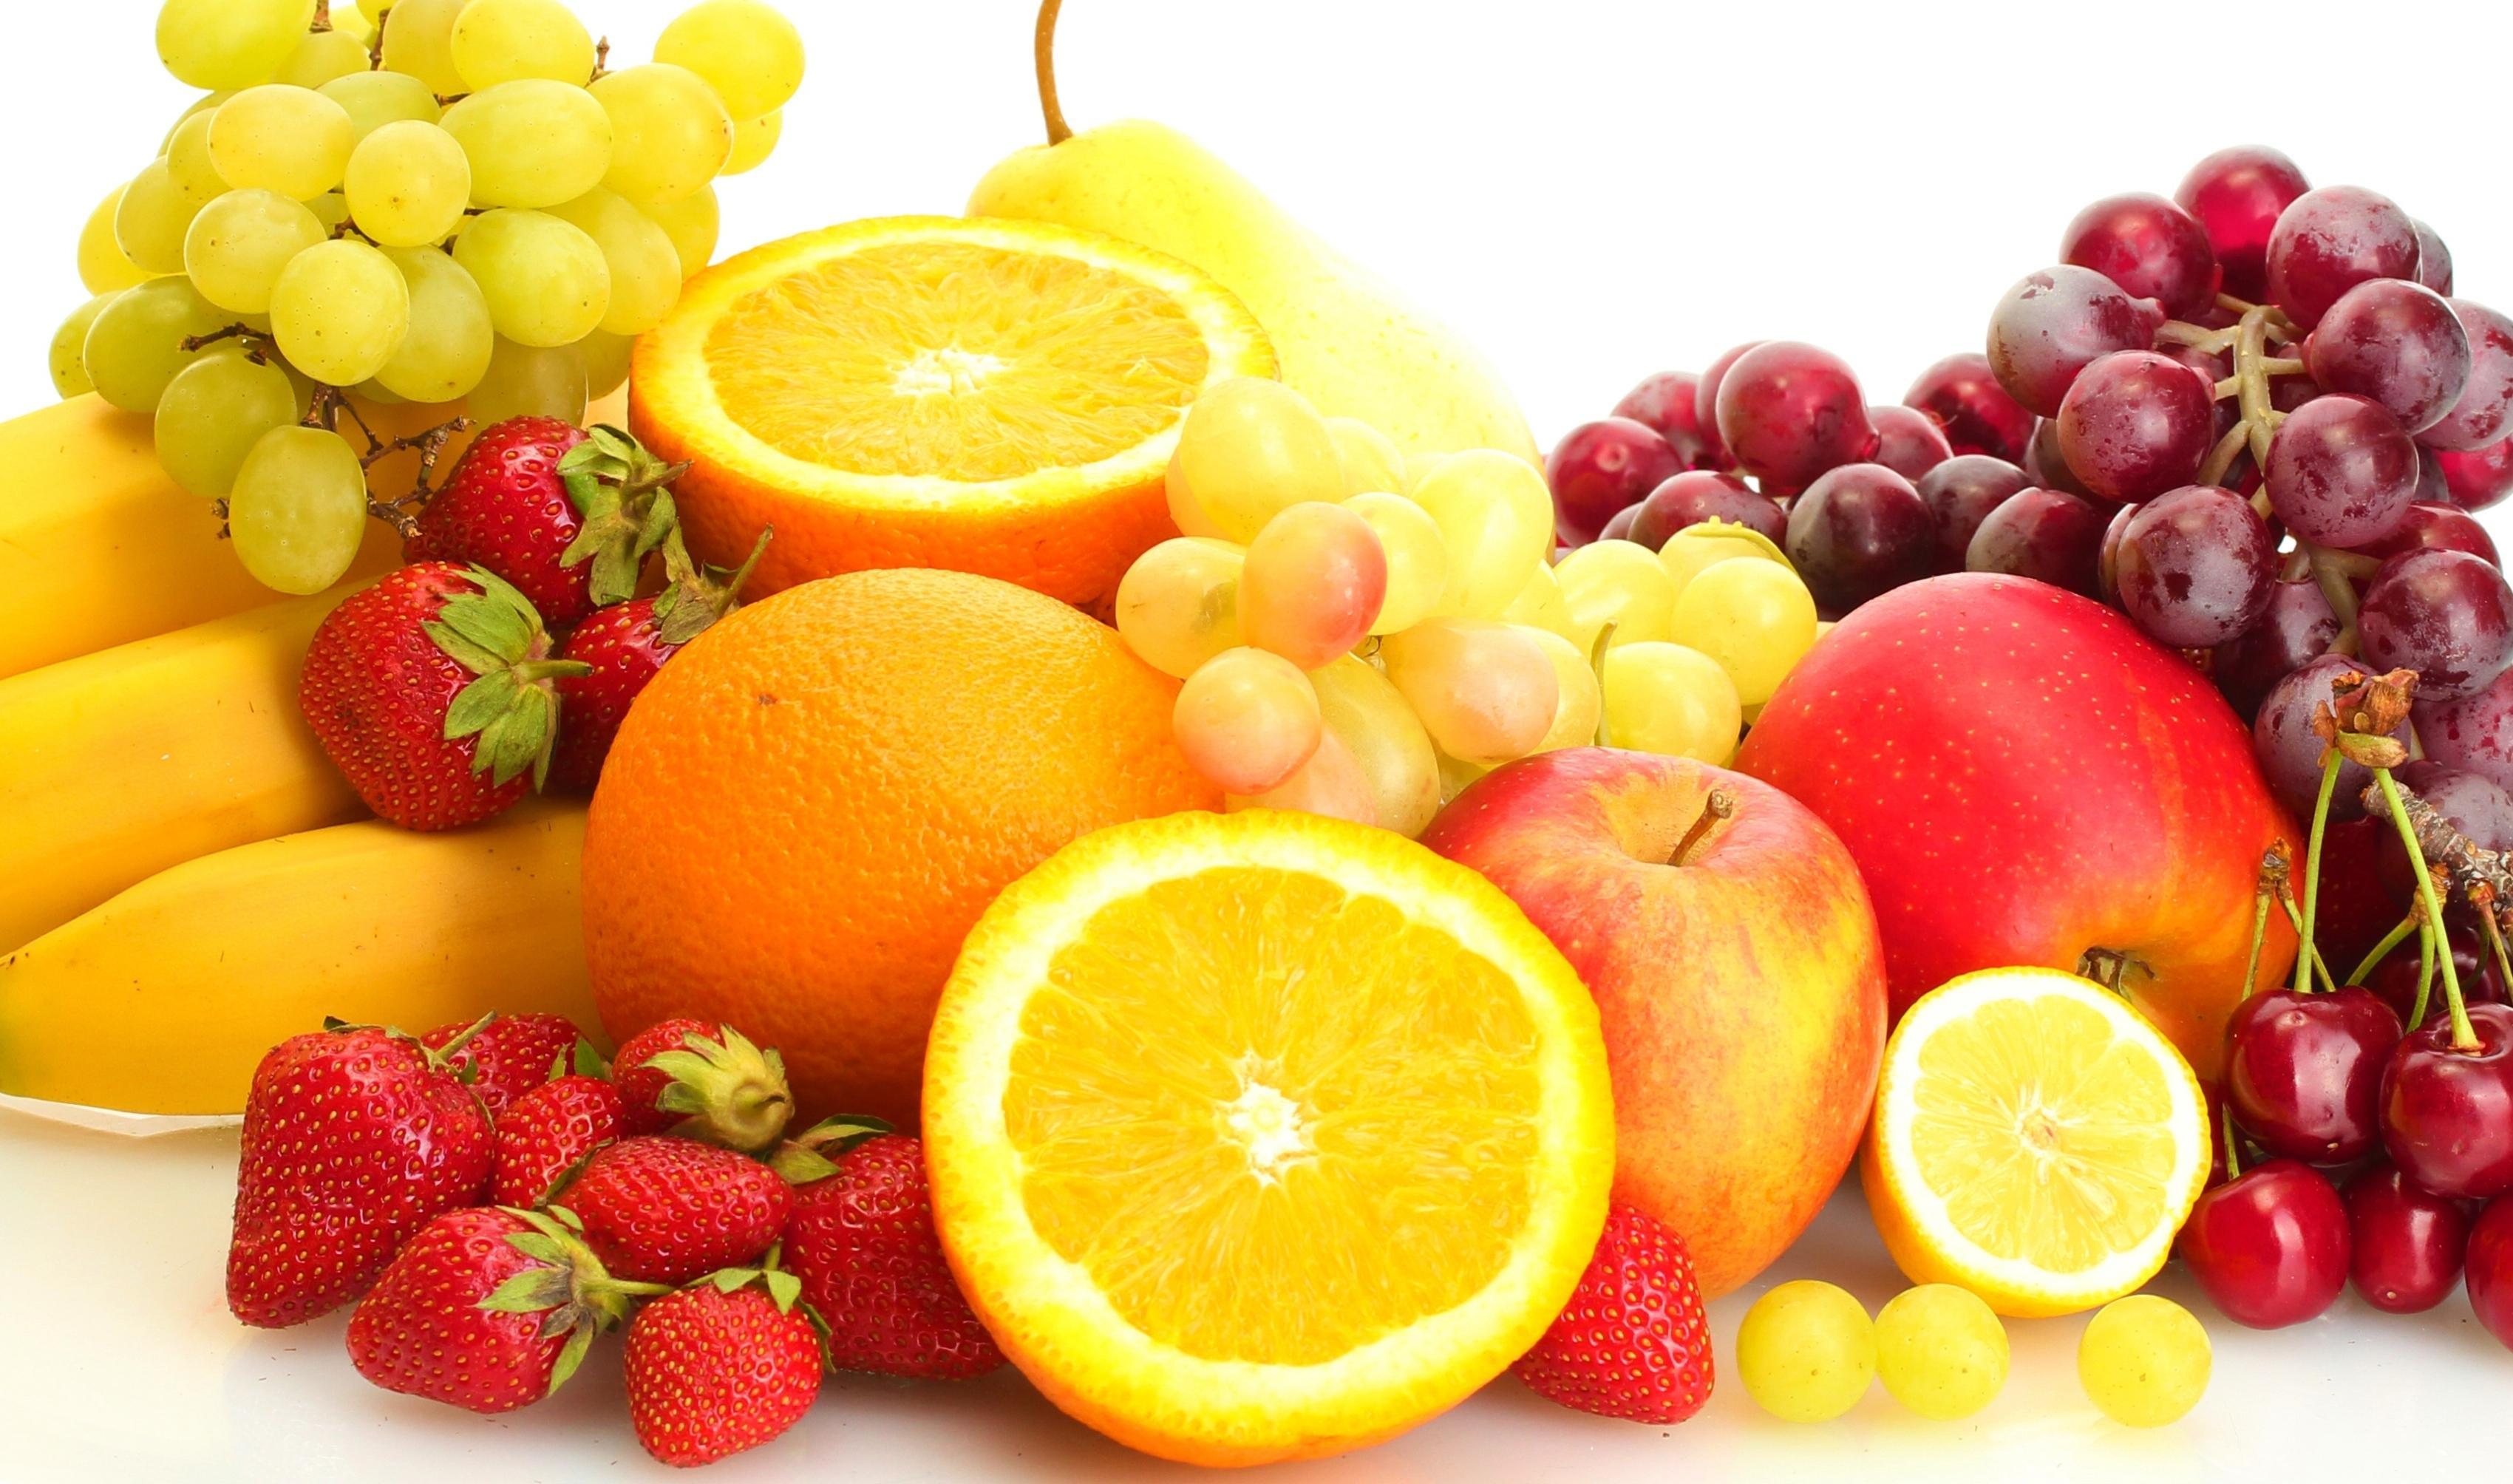 kinh doanh trái cây sạch phải làm gì ?